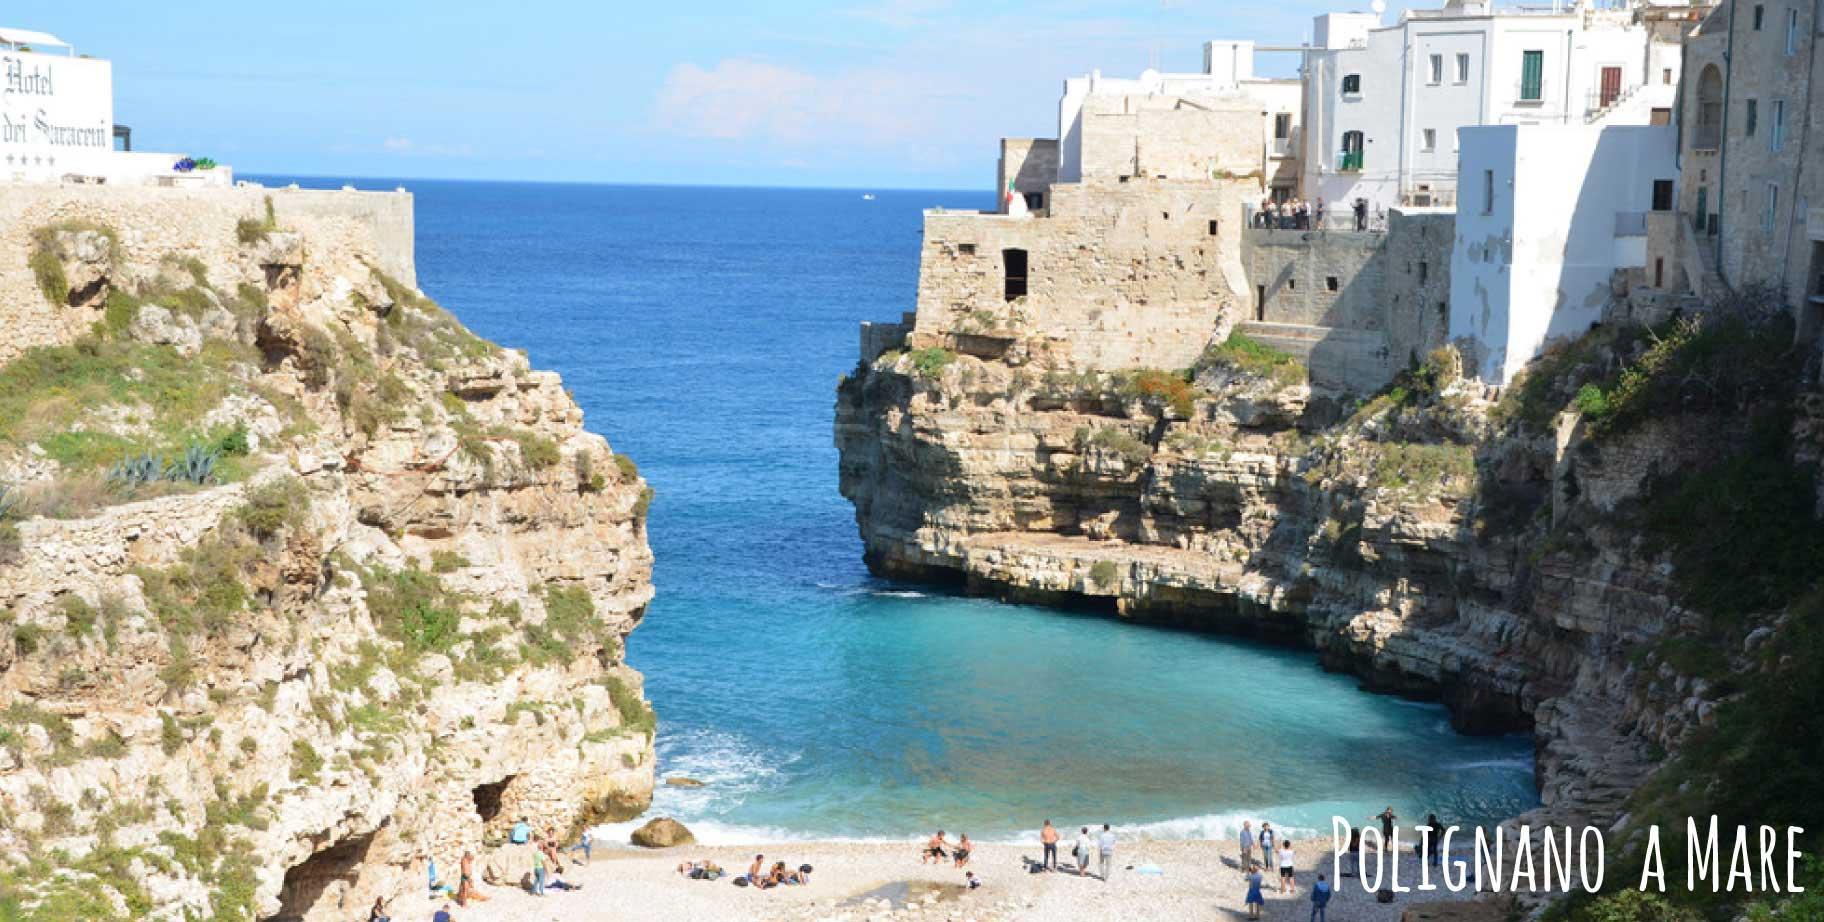 Rundreise Apulien - Polignano a Mare